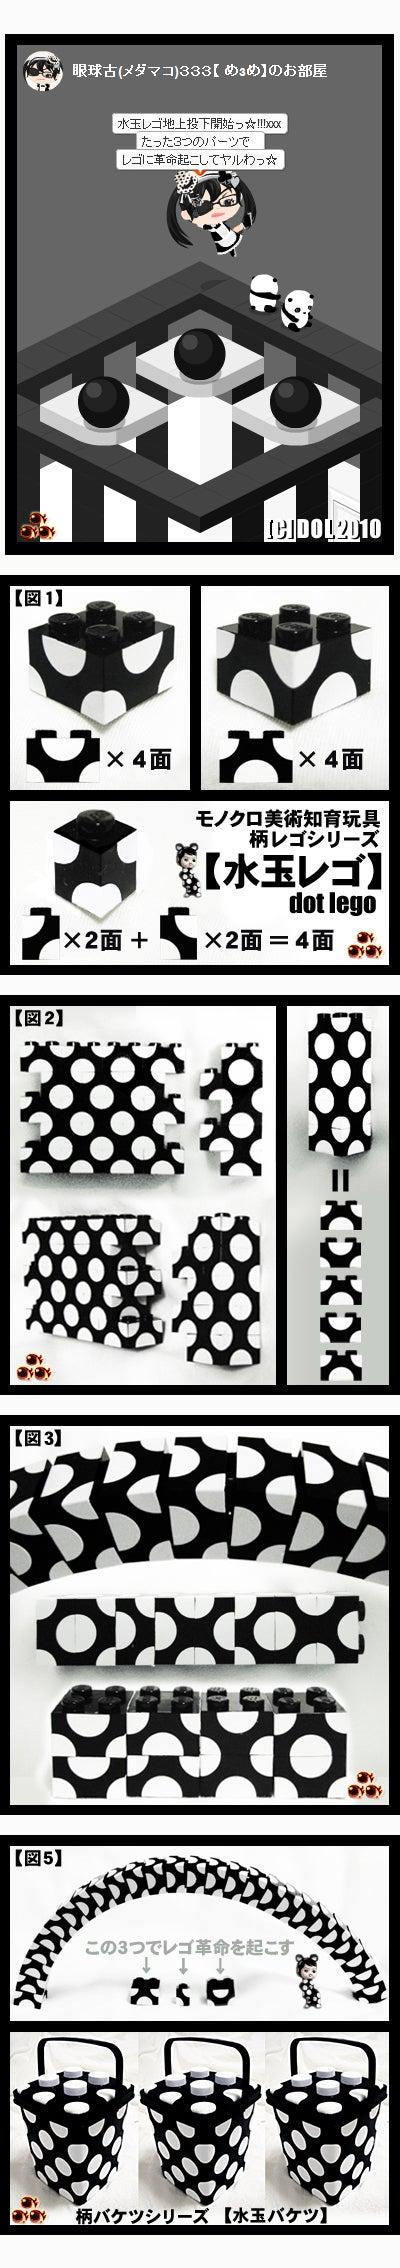 眼球古(メダマコ)333【 めзめ】の★ピグプリケっ★since20100707-dotlego5